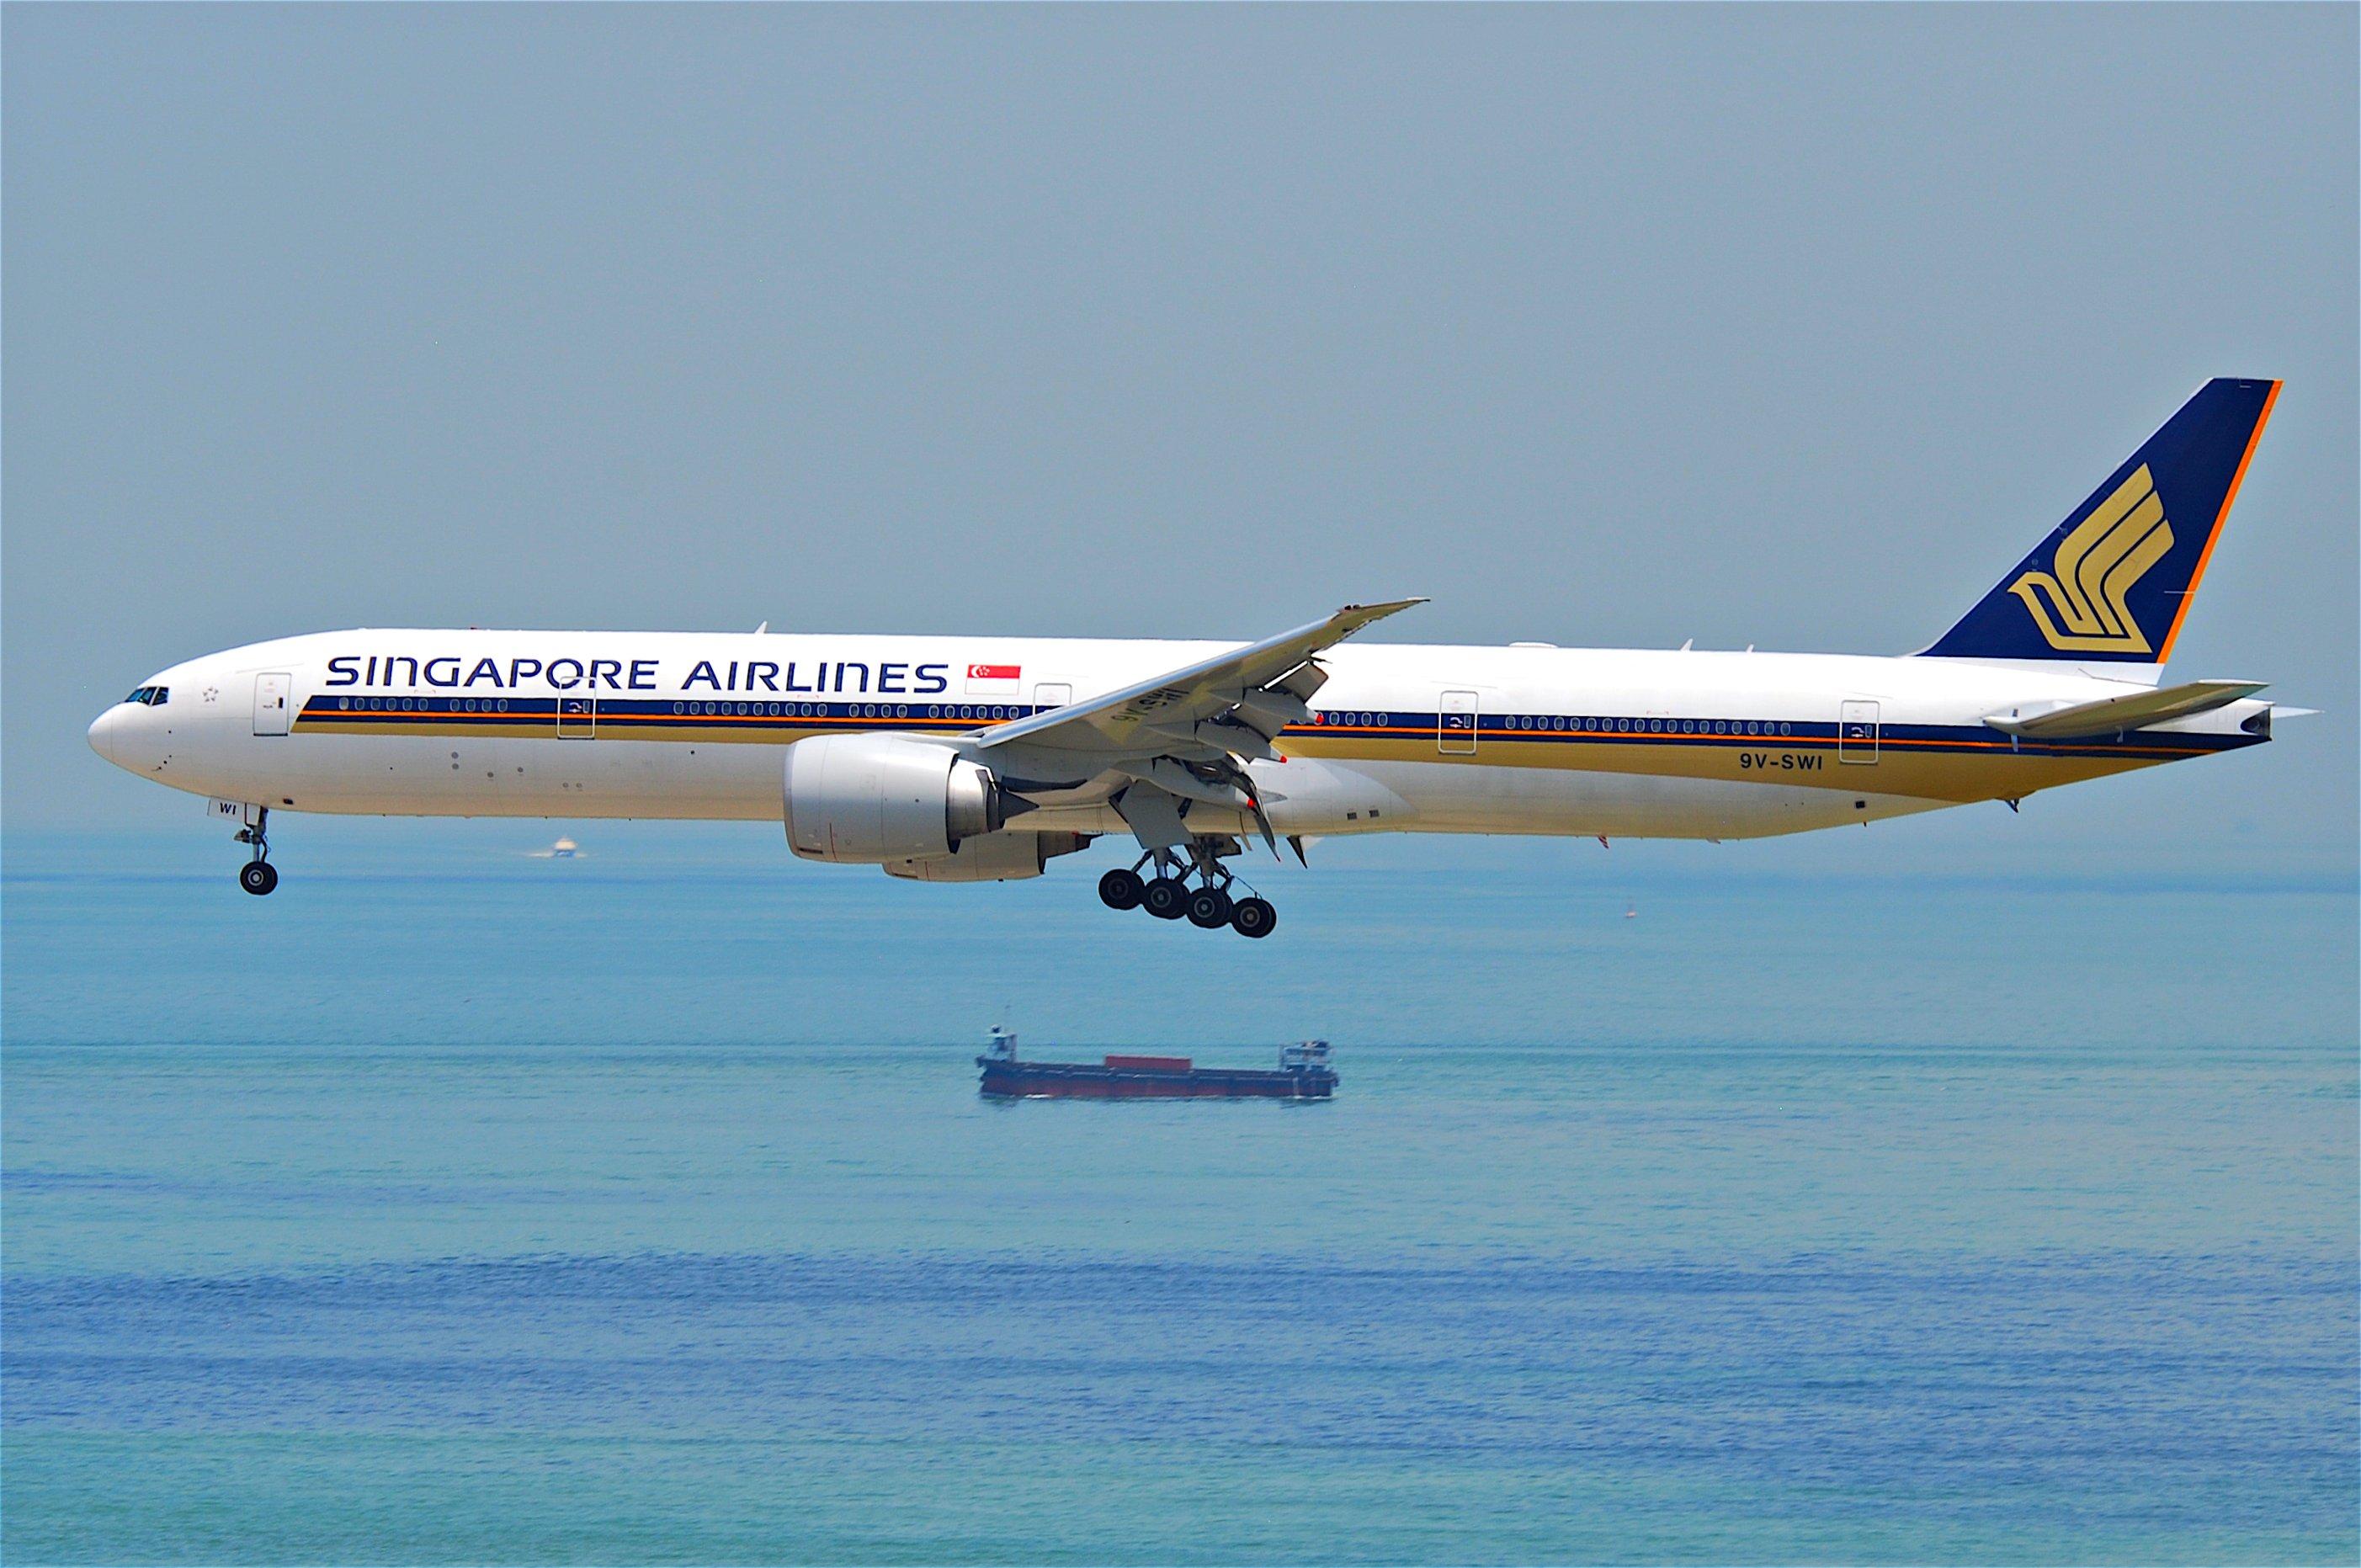 File:Singapore Airlines Boeing 777-300ER; 9V-SWI@HKG;31.07 ...